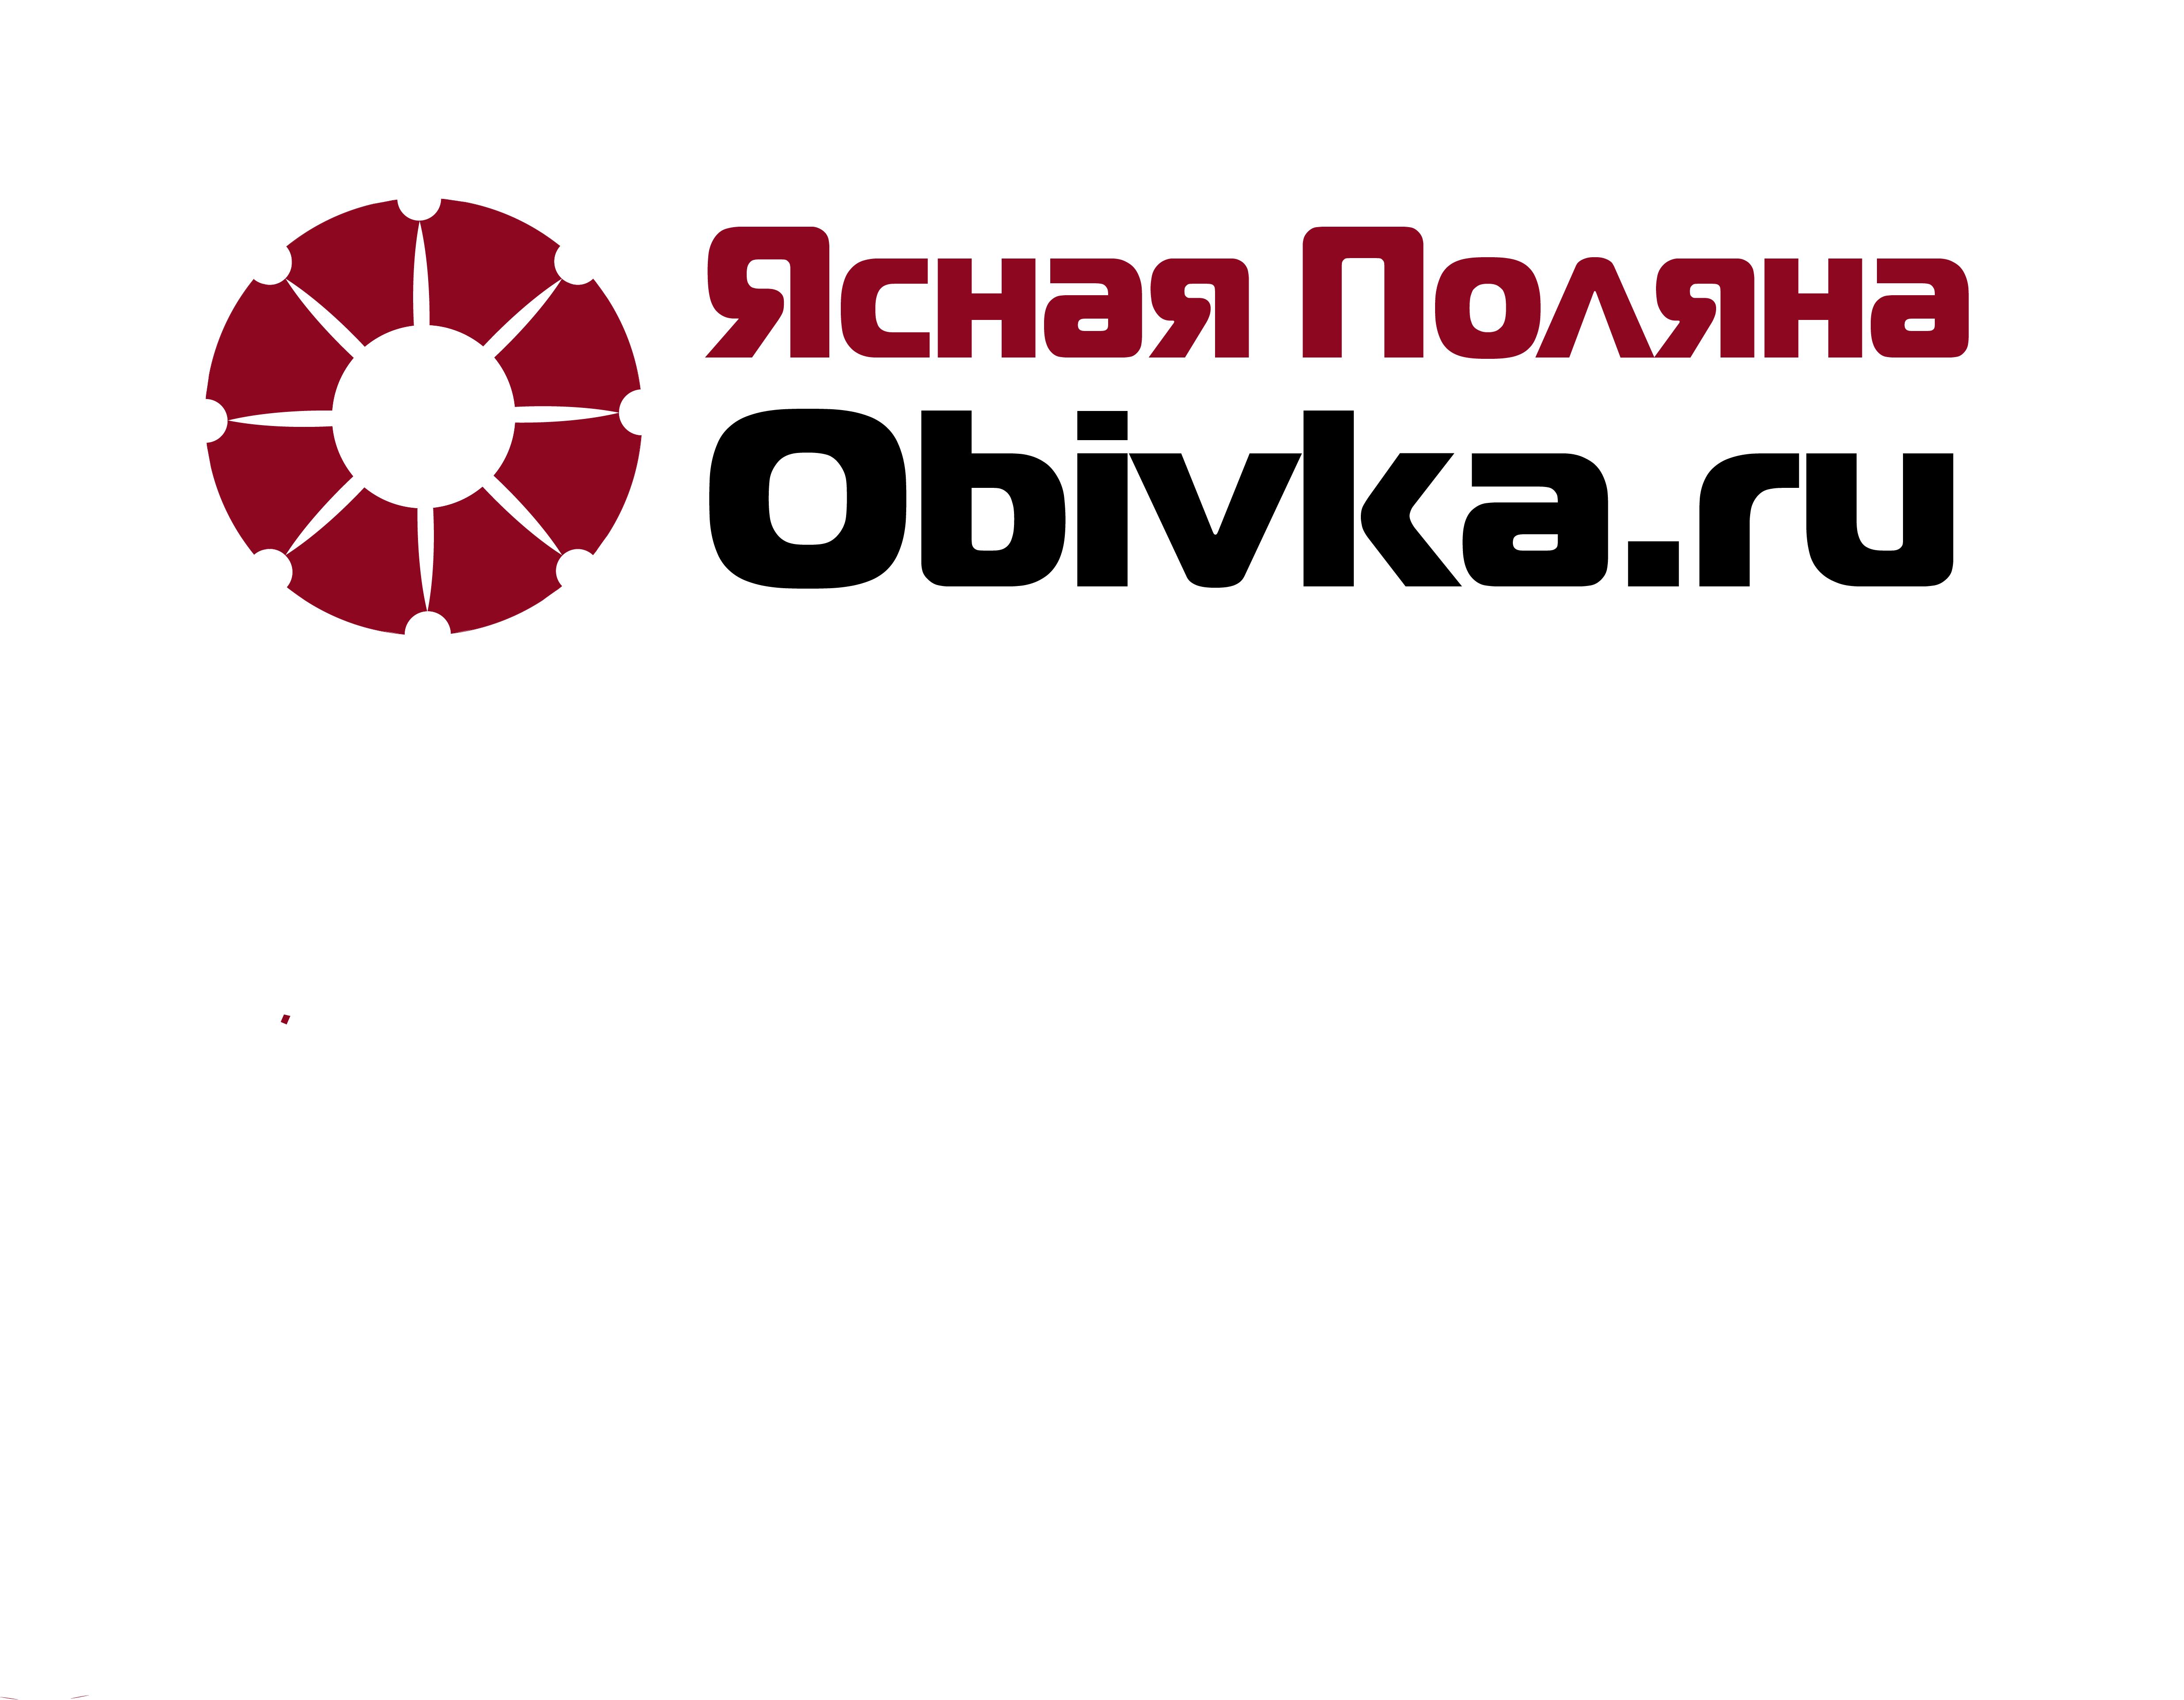 Логотип для сайта OBIVKA.RU фото f_4955c123da02655c.png